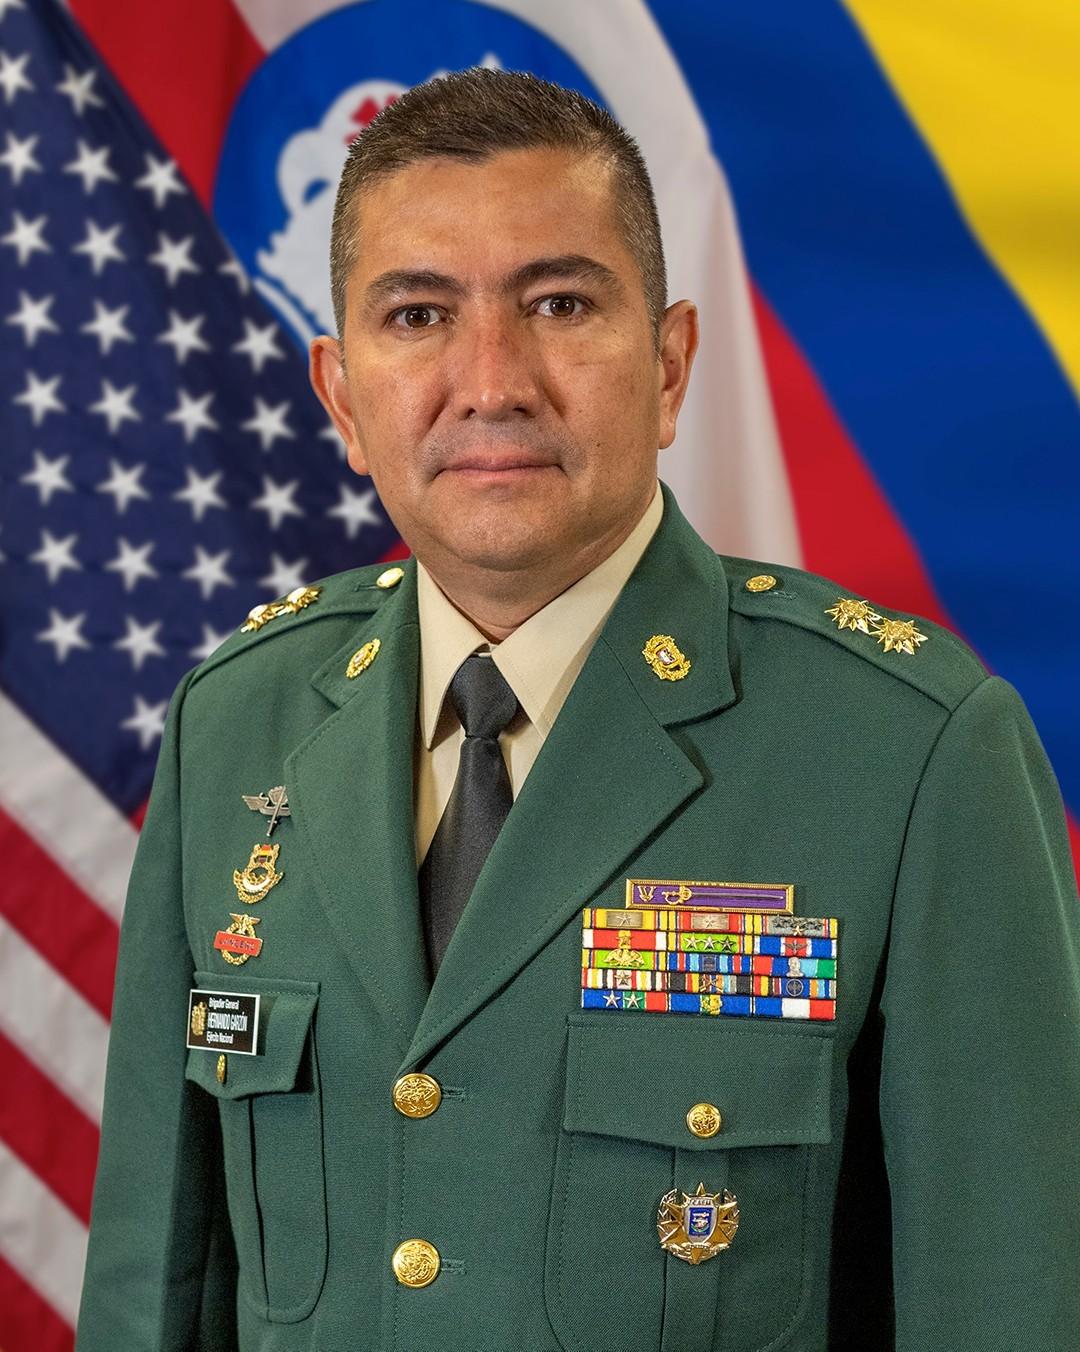 Brig. Gen. Hernando Garzon Rey